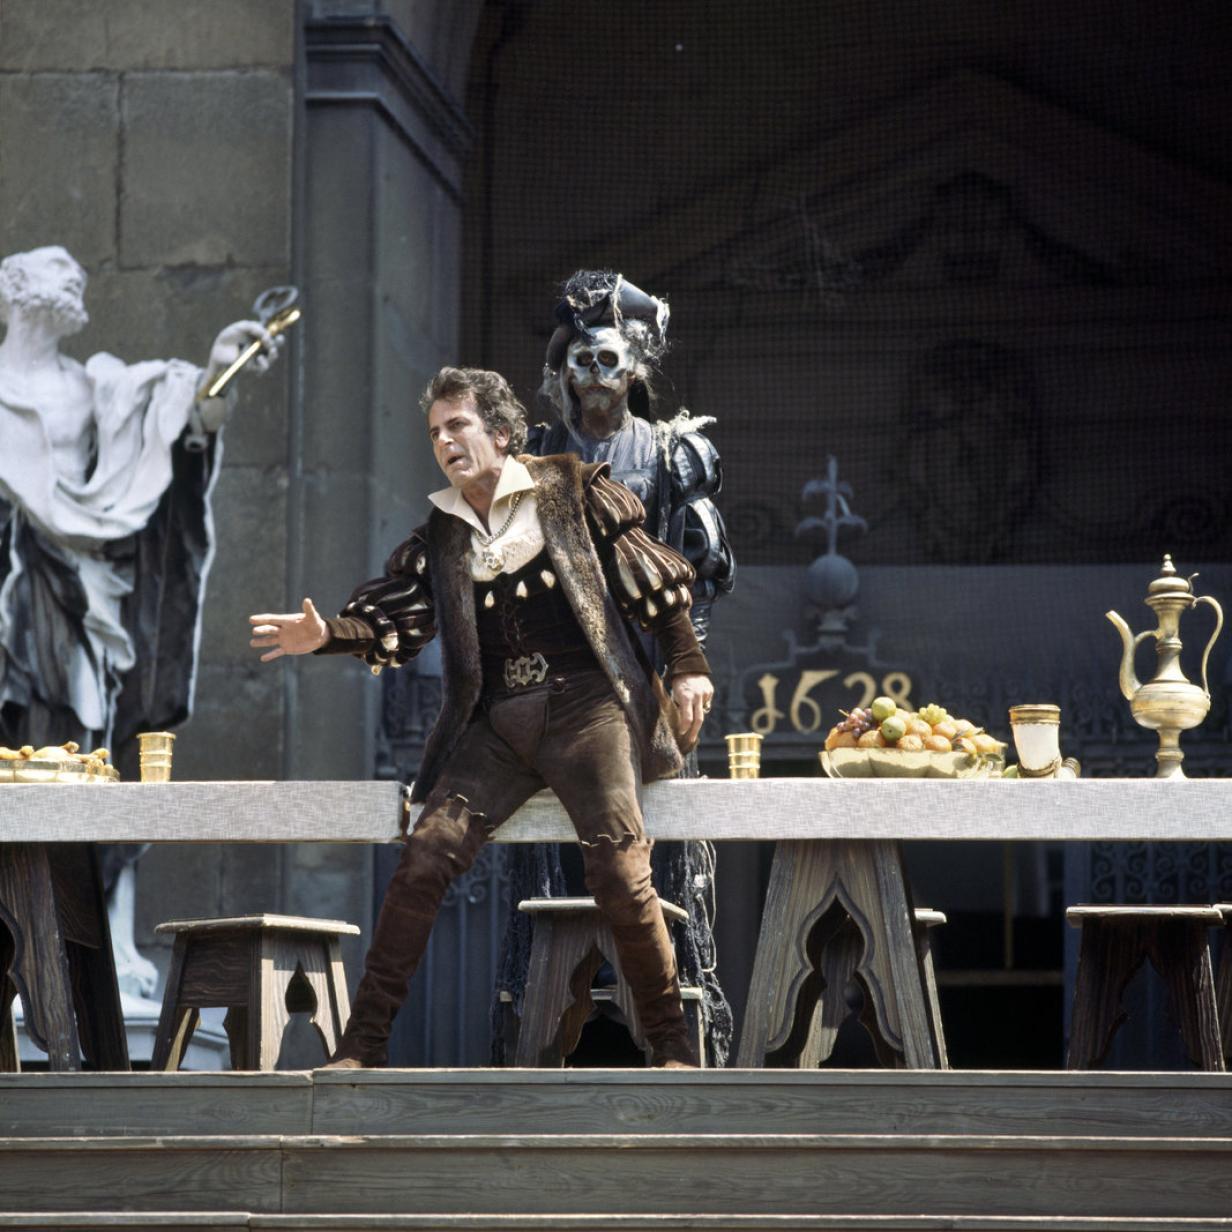 Gründung, Konflikte, Höhepunkte: Ganz große Oper in Salzburg